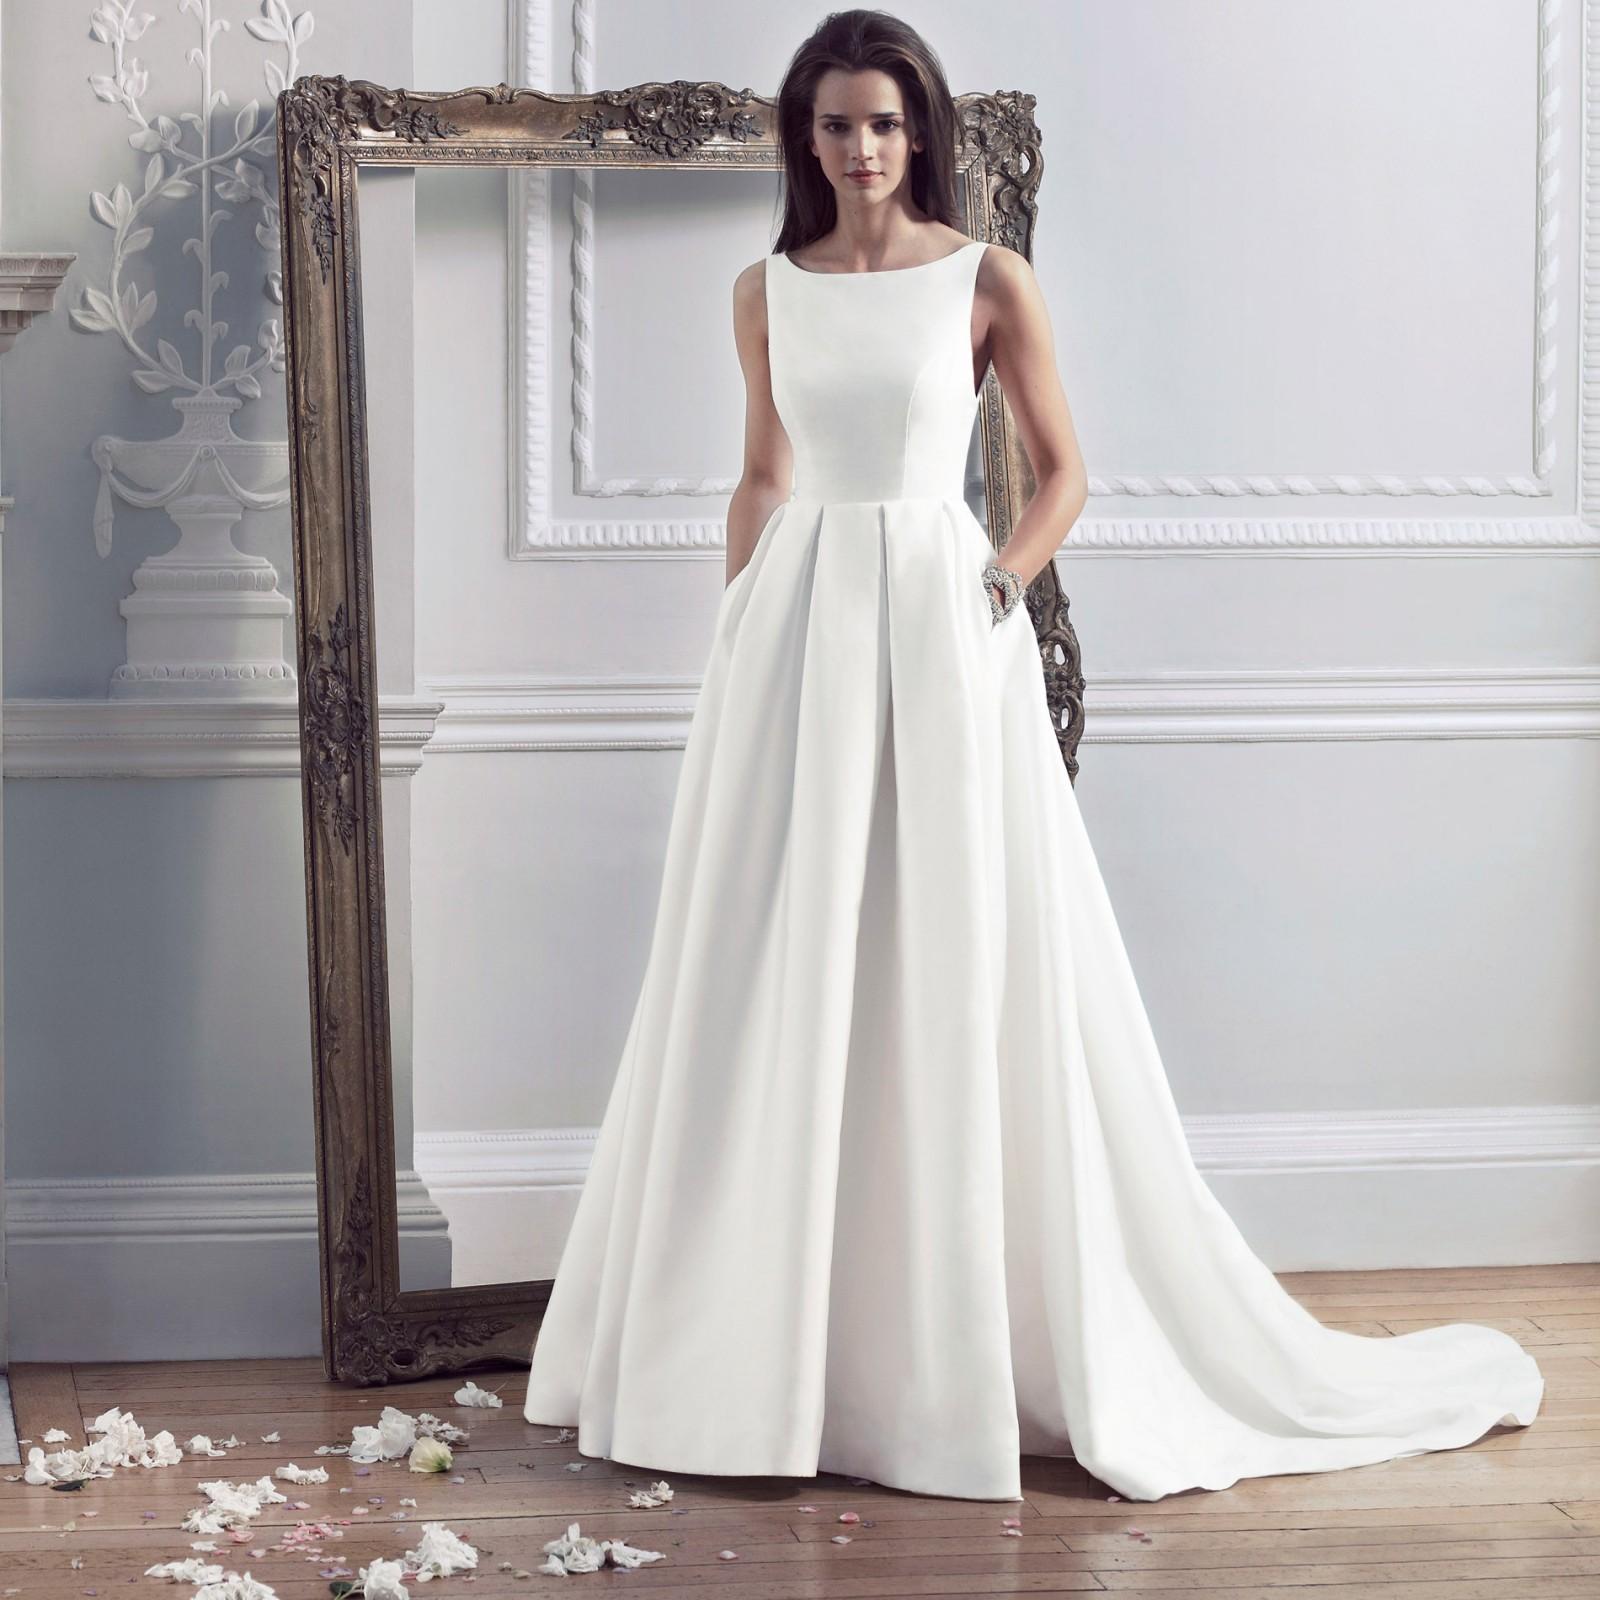 HEPBURN Wedding Dress